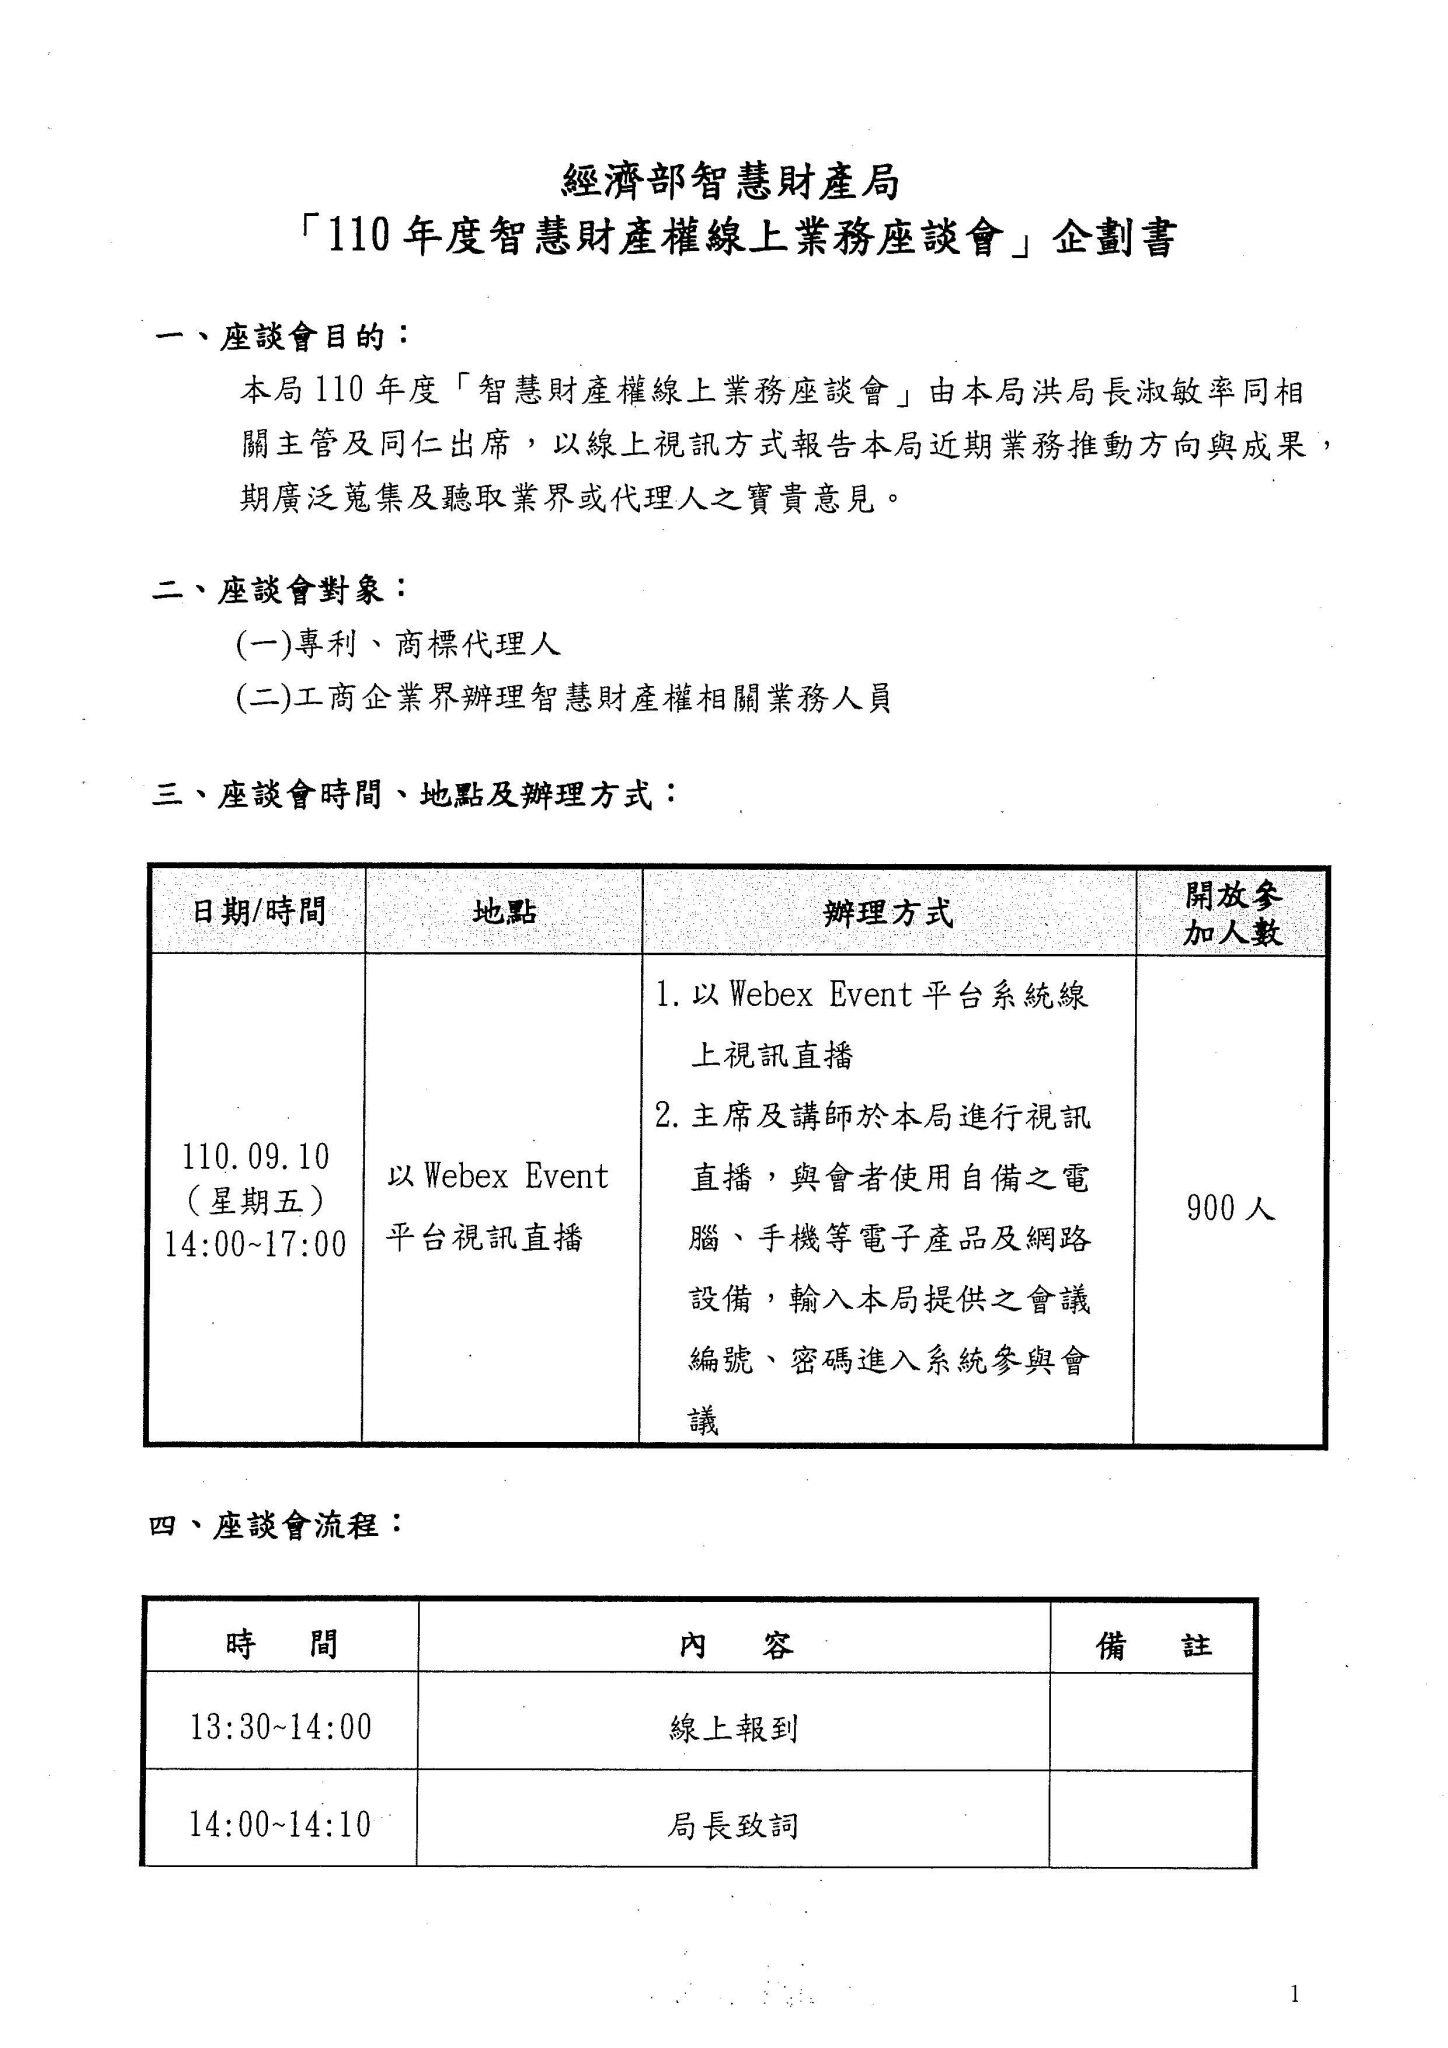 智慧局-110年度智慧財產權線上業務座談會2021.07.30_頁面_3